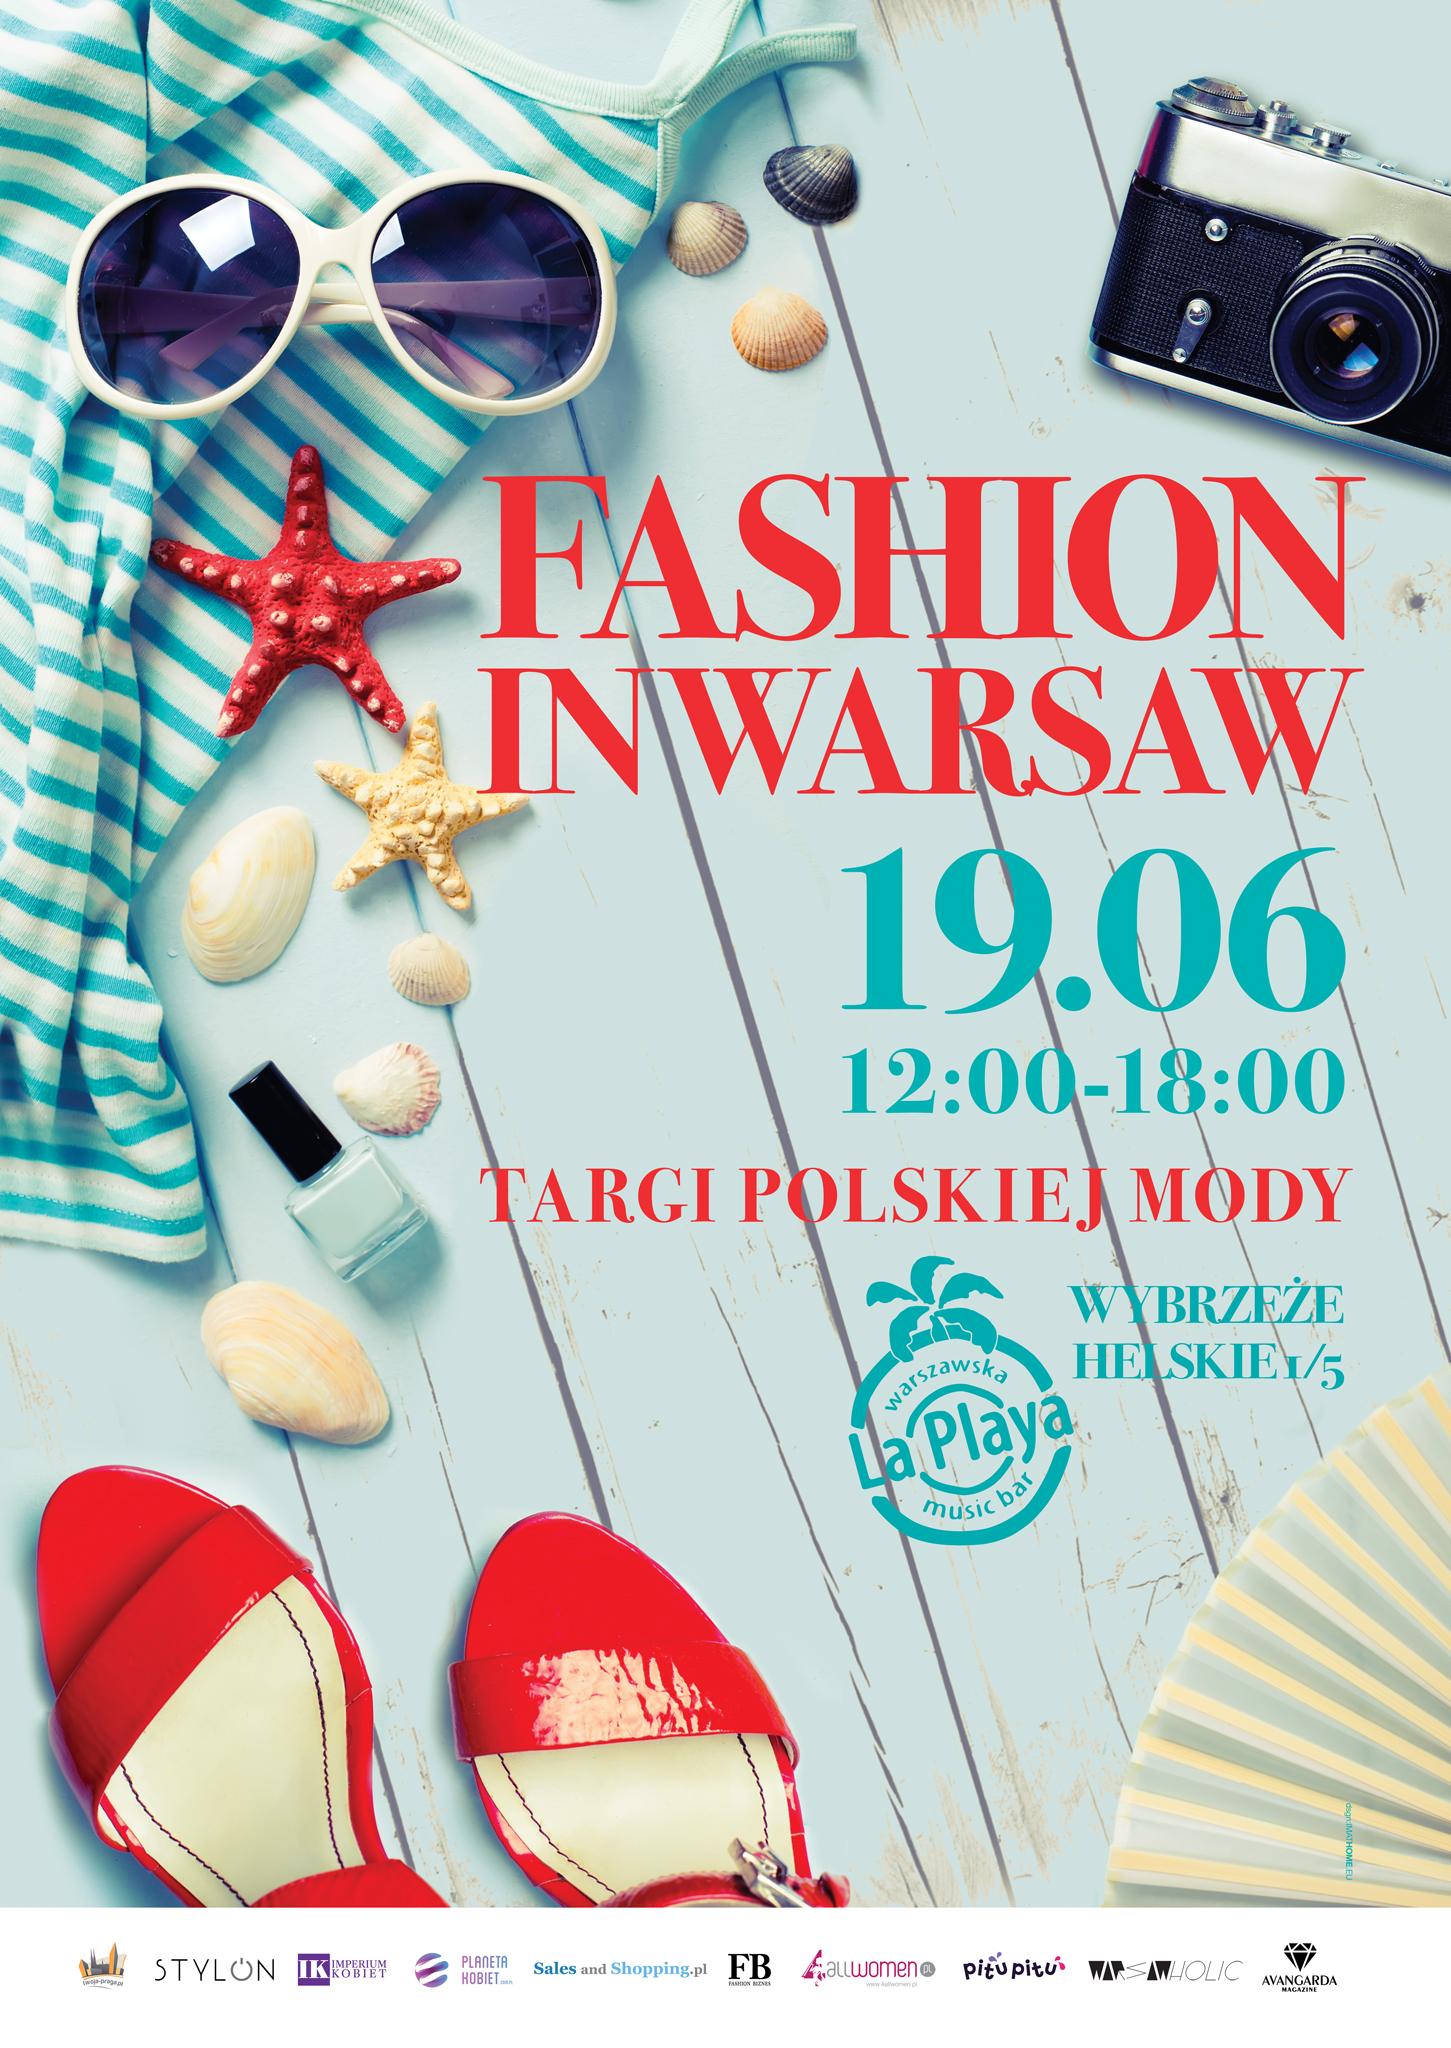 Targi Mody Fashion in Warsaw 19 czerwca 2016